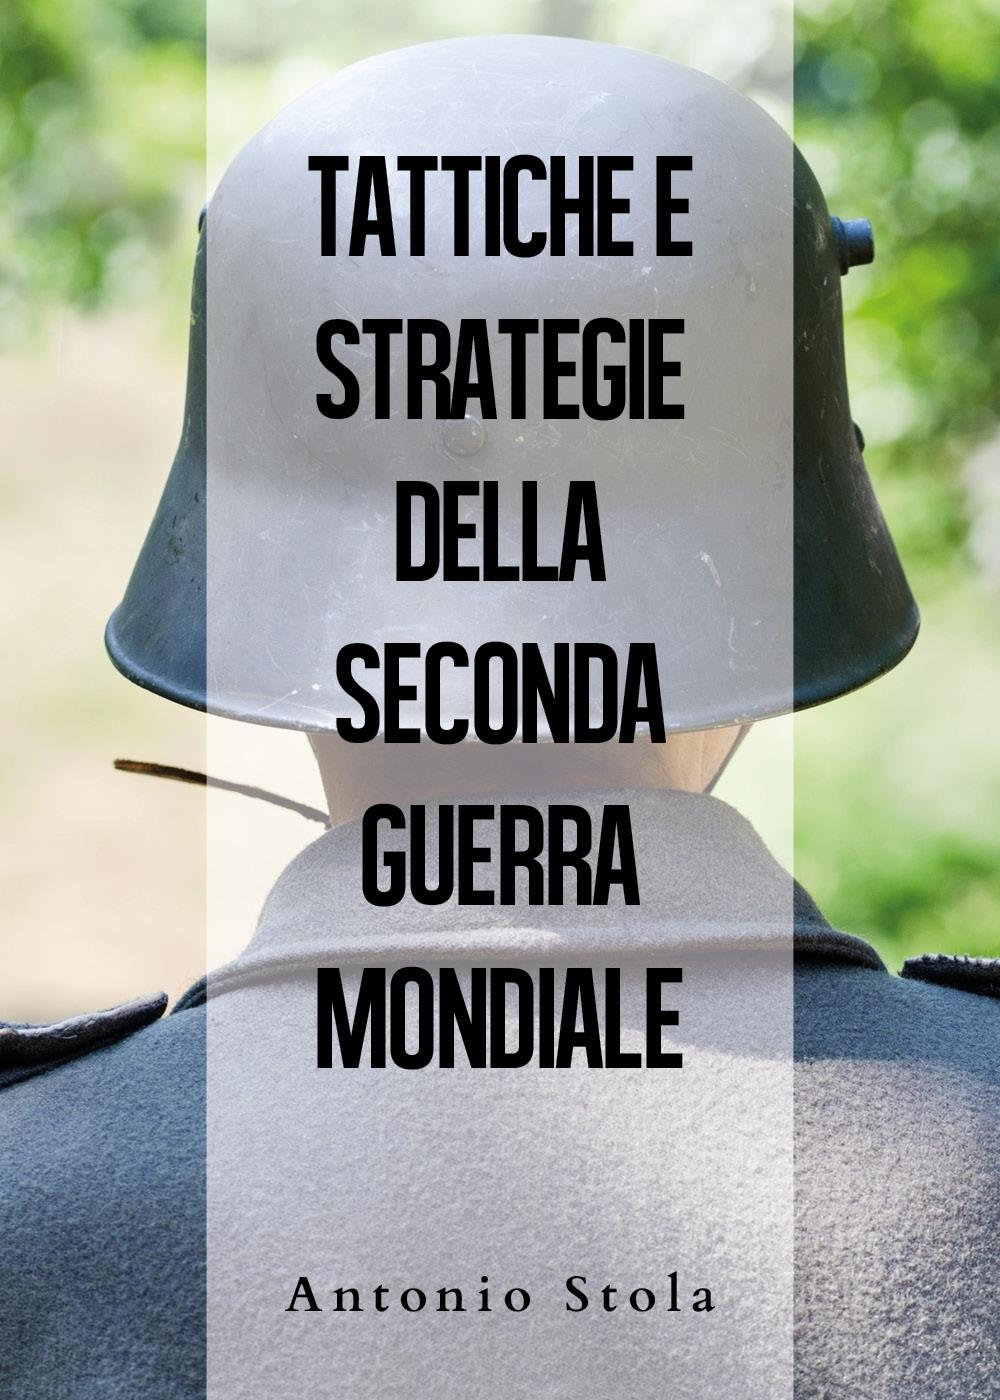 TATTICHE E STRATEGIE DELLA SECONDA GUERRA MONDIALE